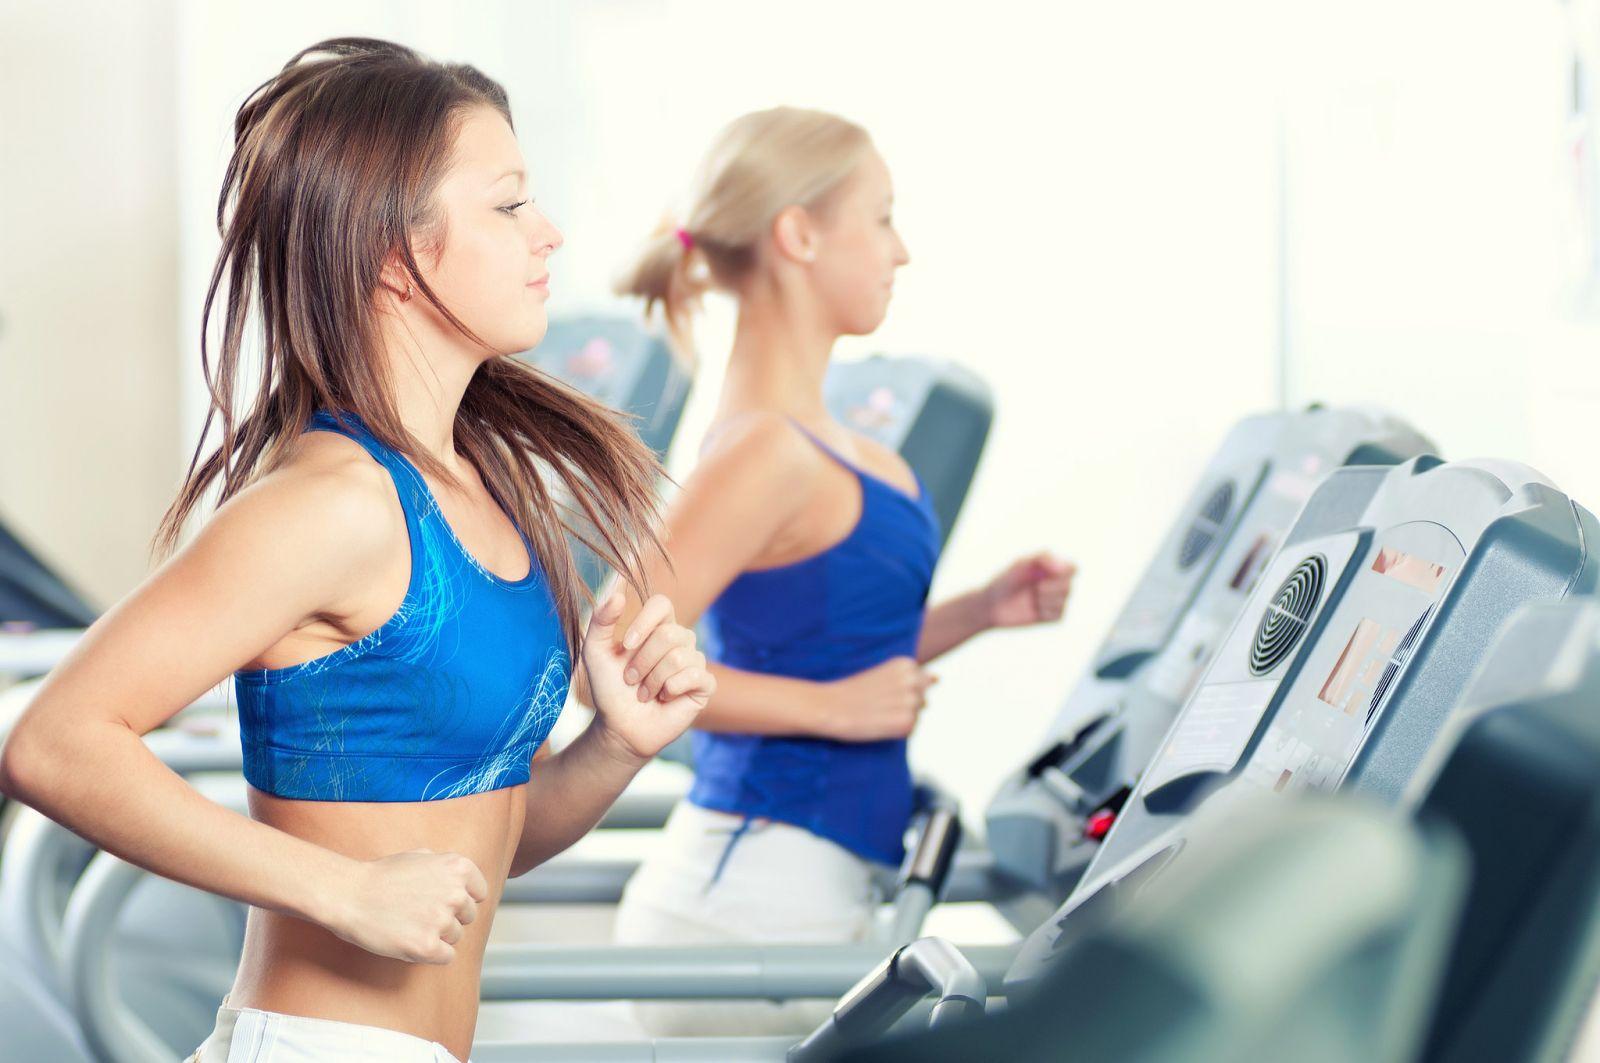 программа домашних тренировок для похудения